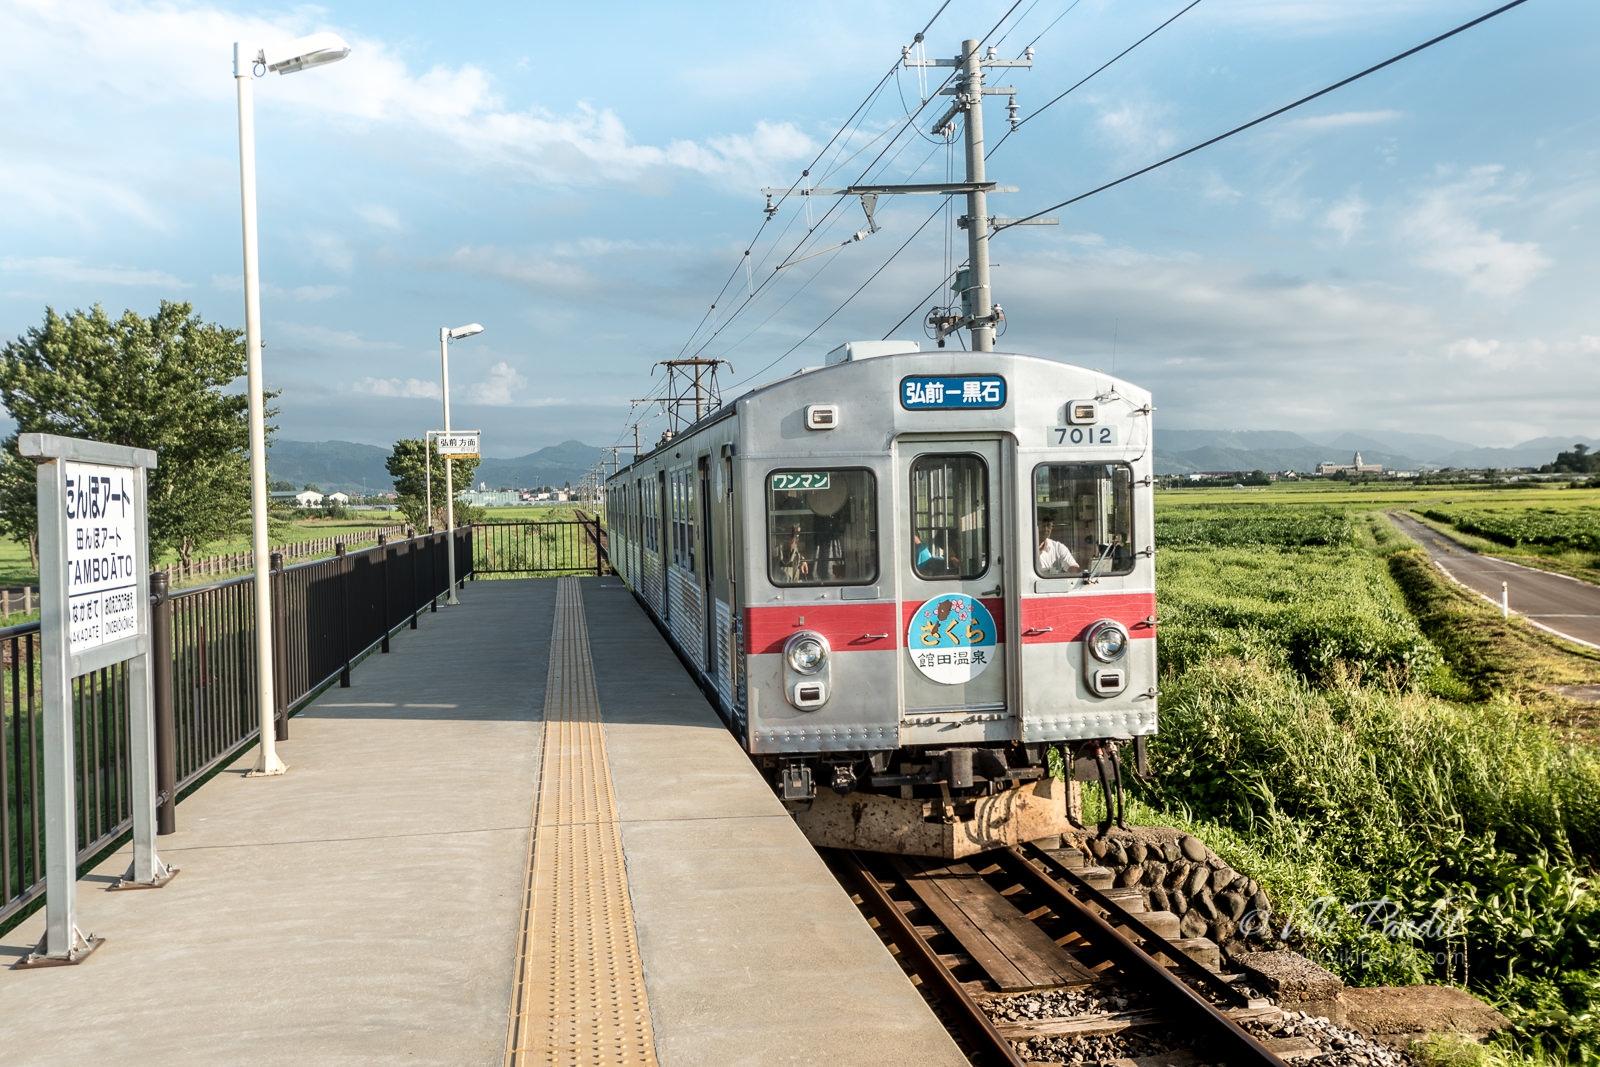 Train-Tambo-Art-Station